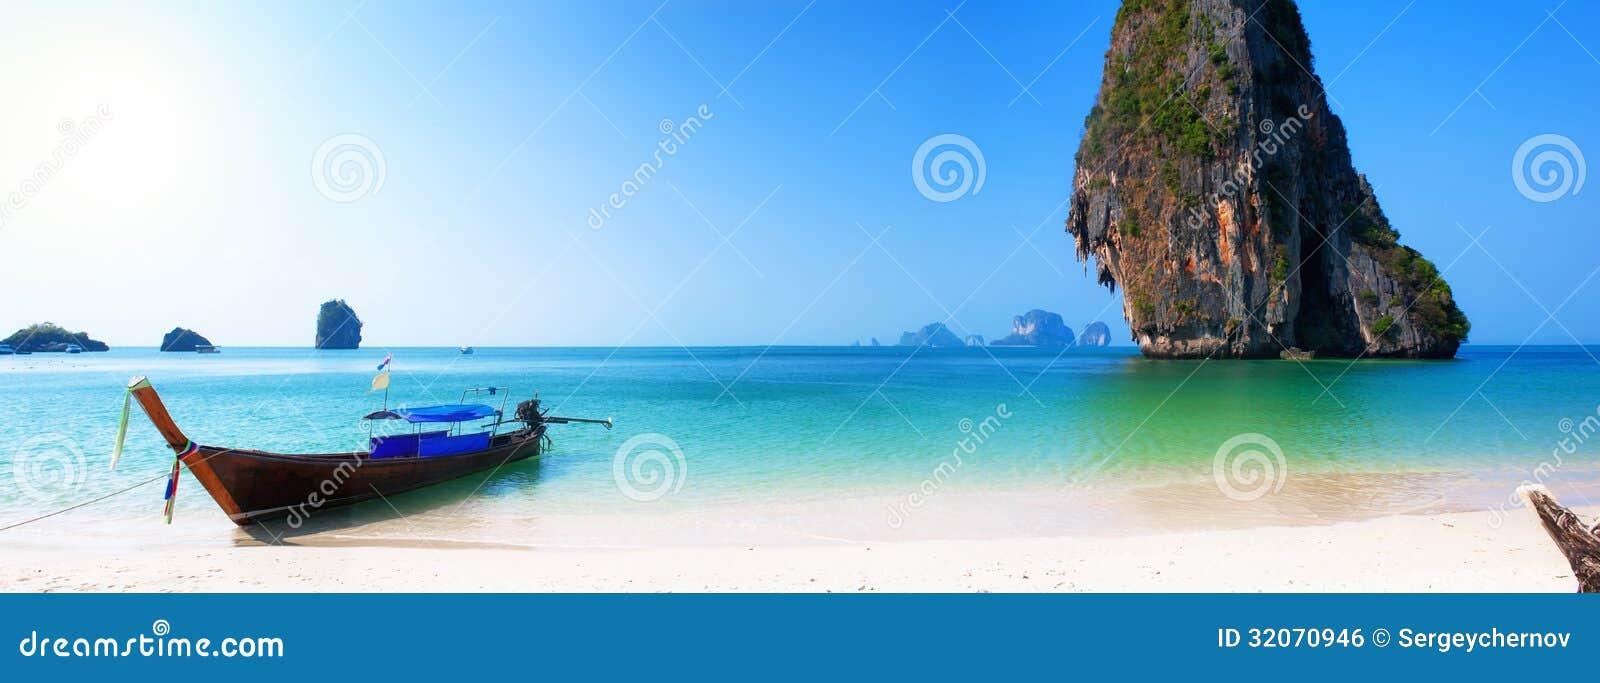 Reisboot op het eilandstrand van Thailand. Tropische kust Azië landsc